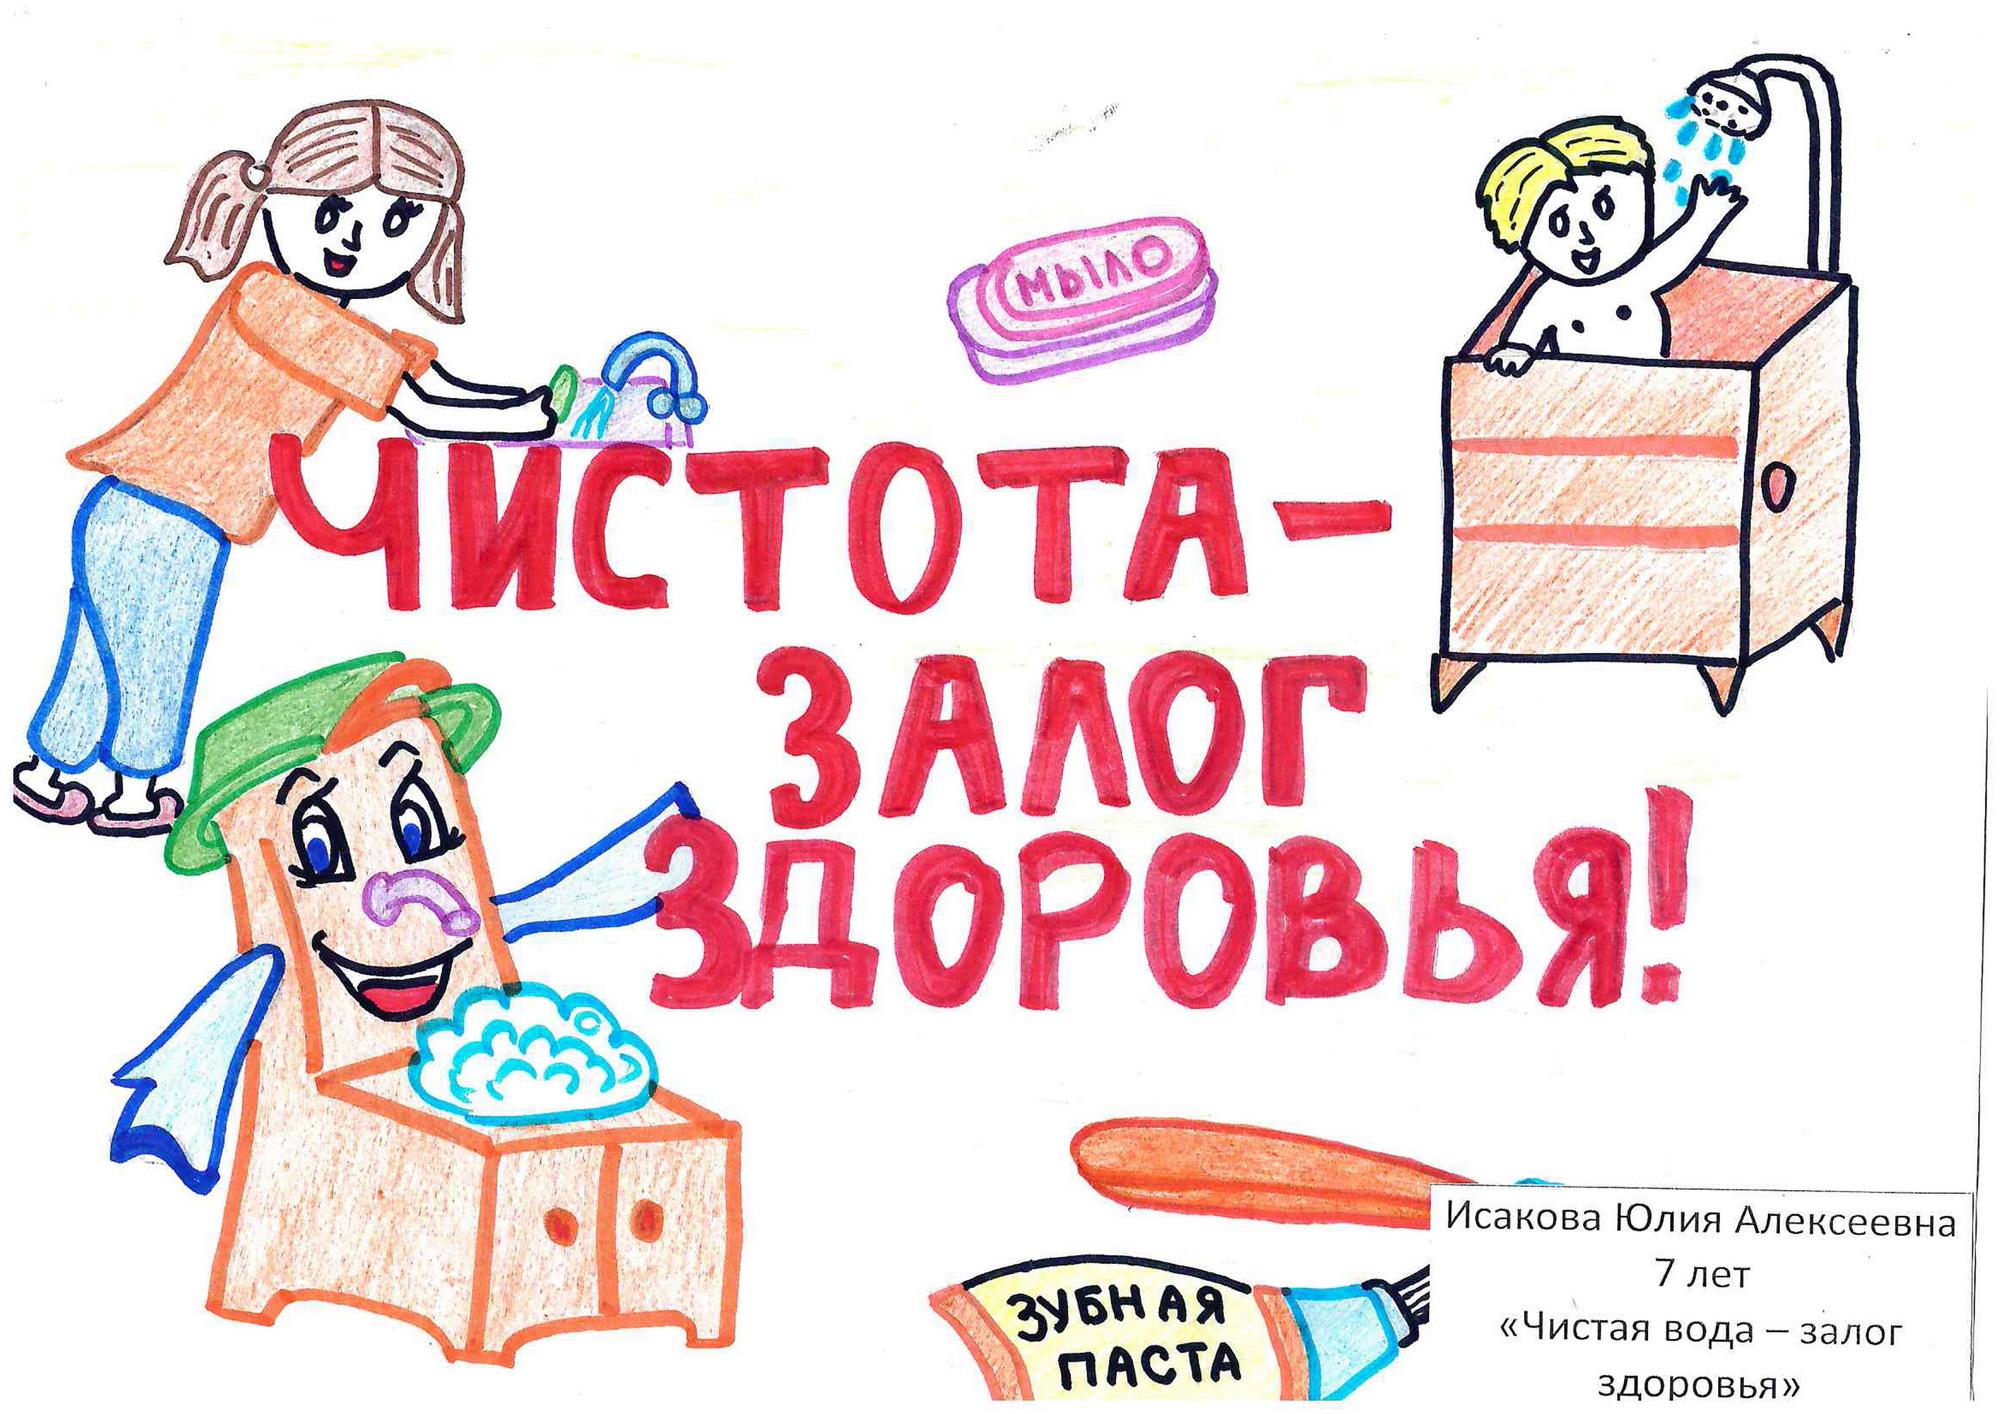 картинки на тему чистота написанного показать